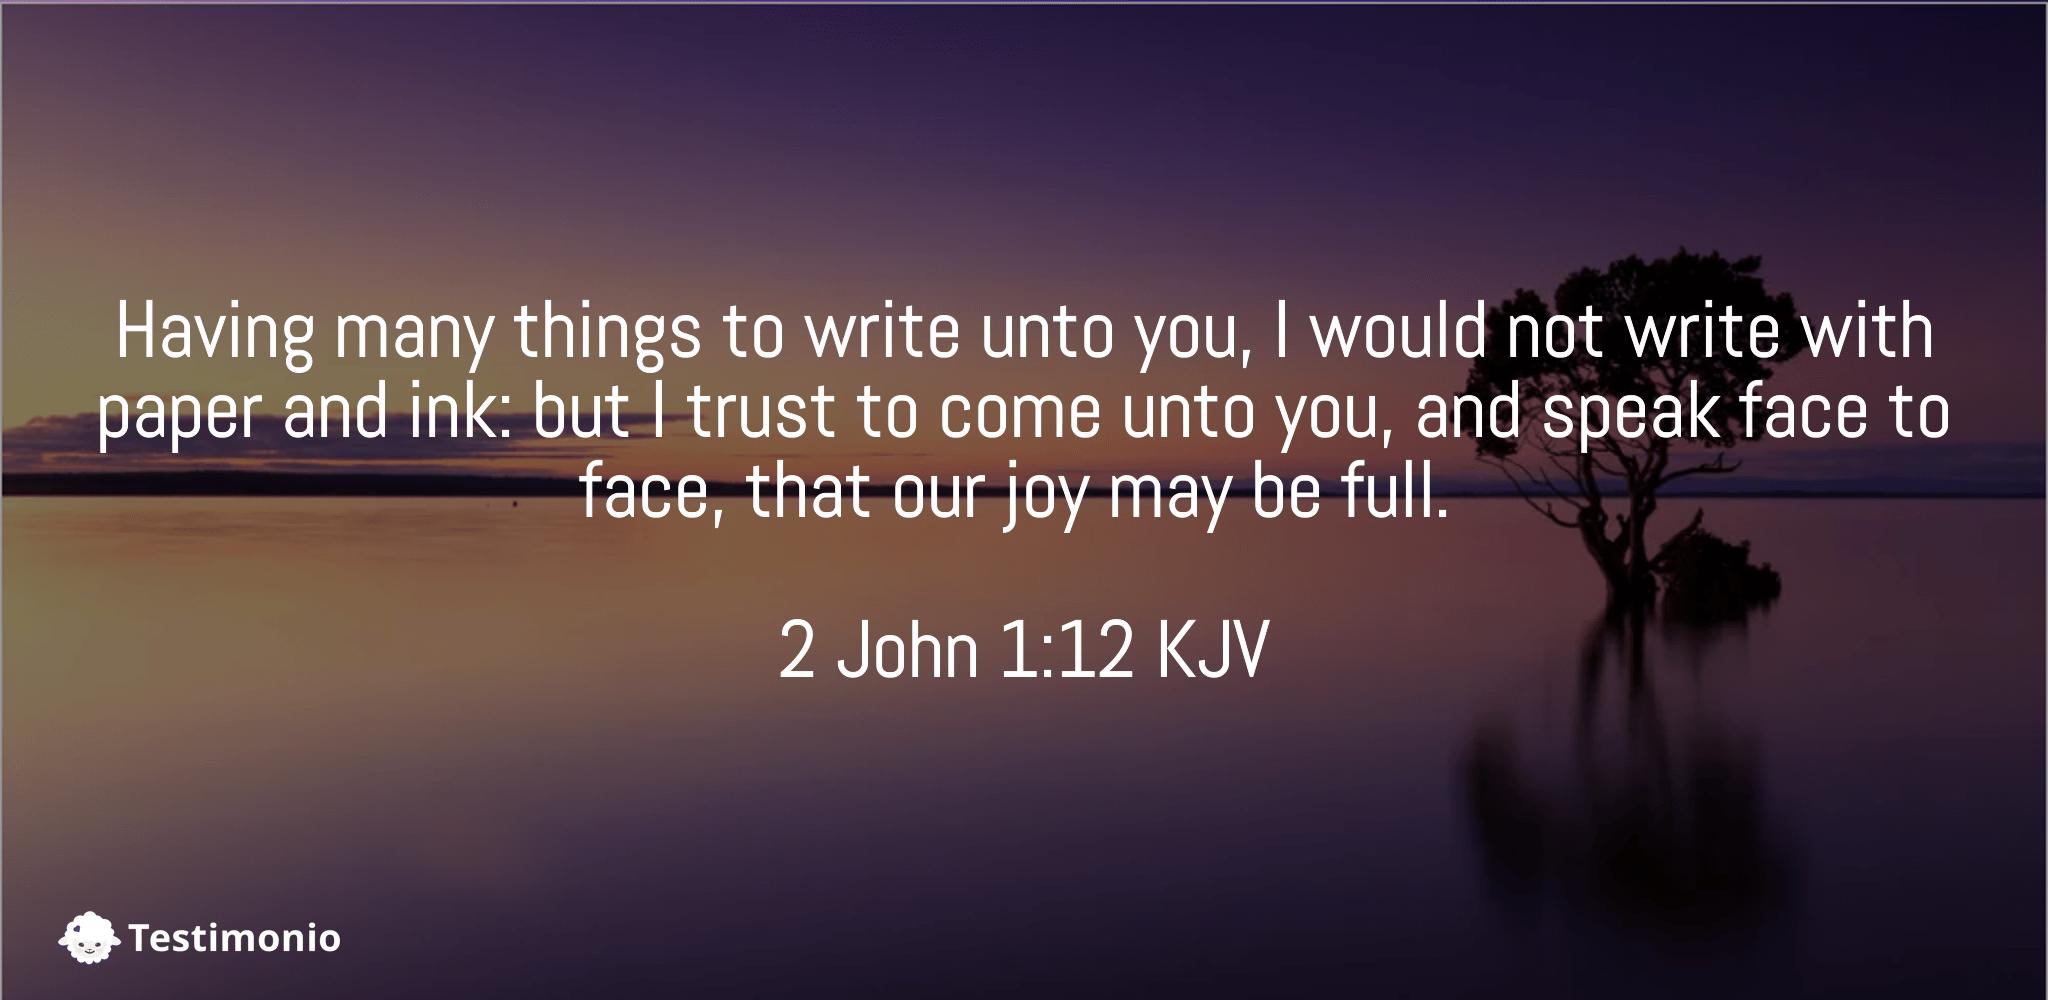 2 John 1:12